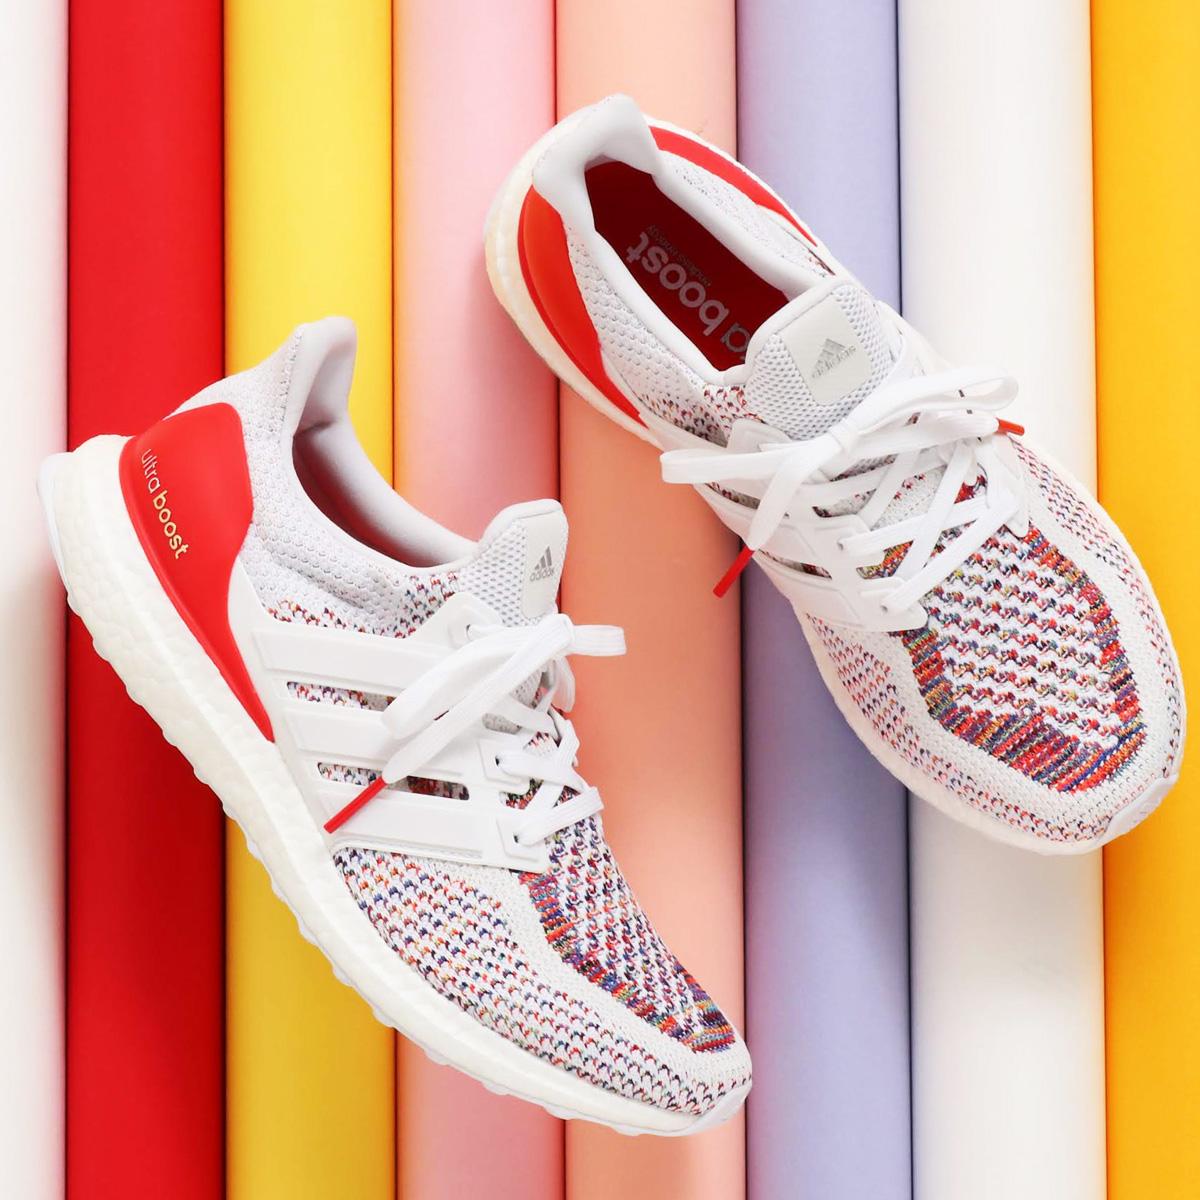 adidas UltraBOOST (アディダス ウルトラブースト) RUNNING WHITE/RUNNING WHITE/RED